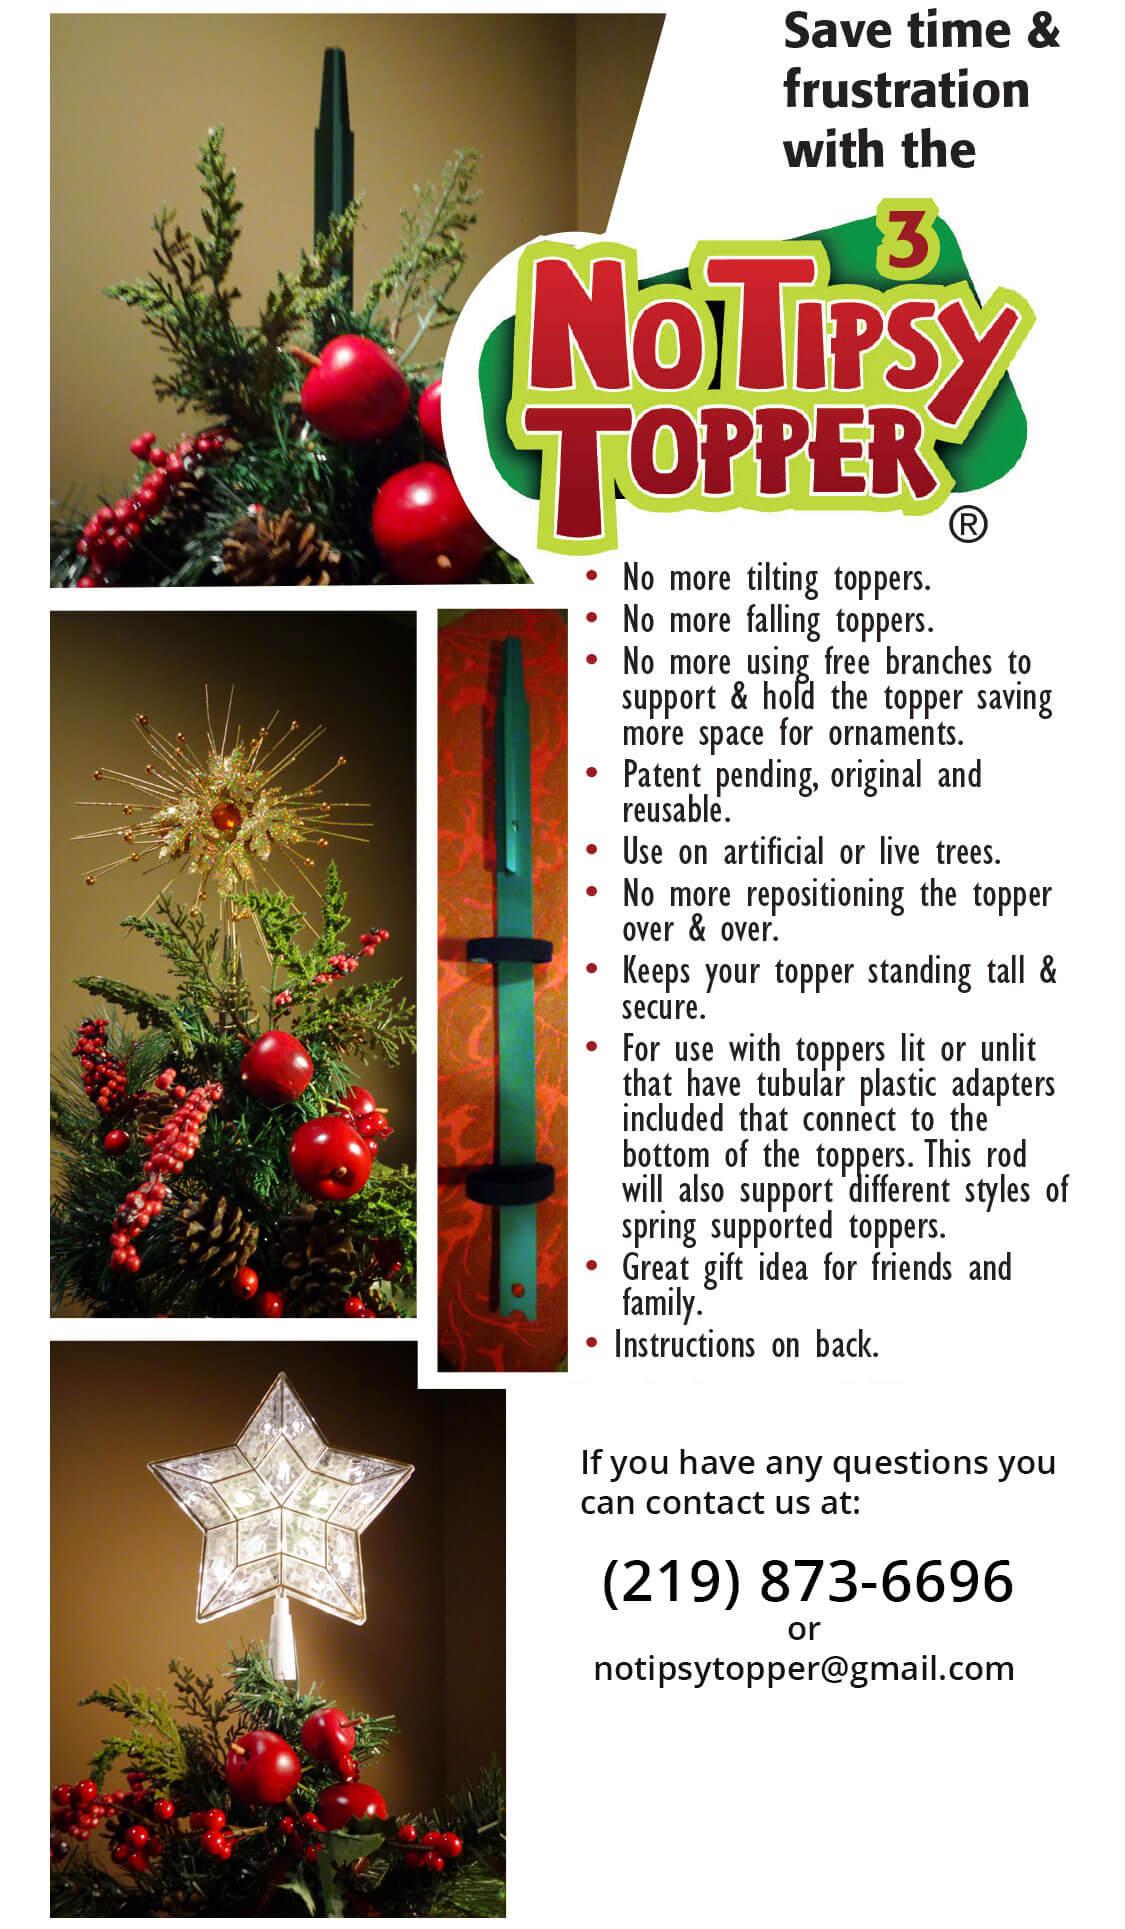 Tipsy-Topper-#3-1